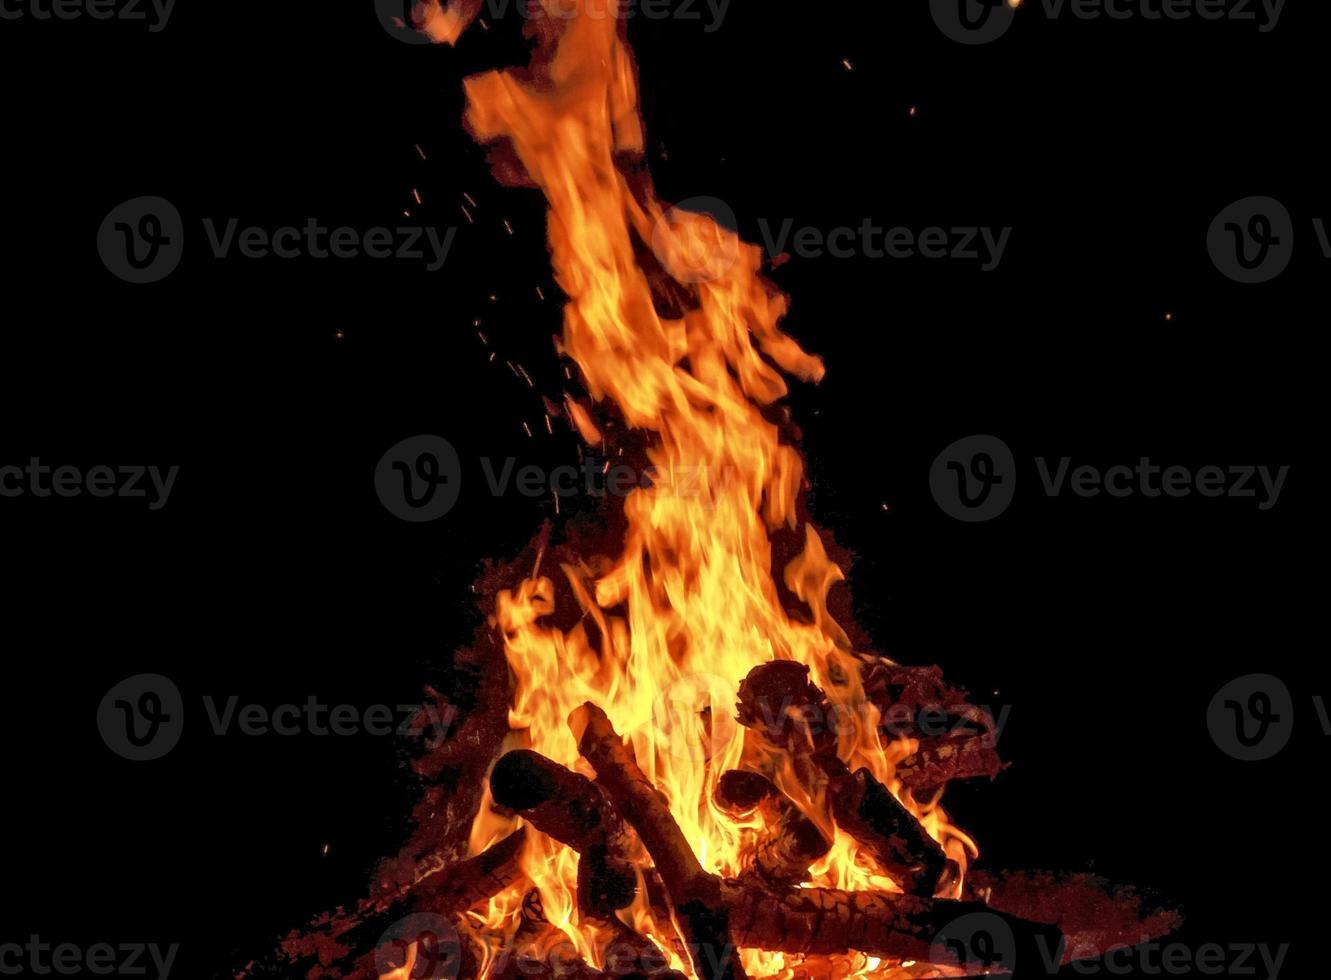 Feuer im Winter - Nacht foto